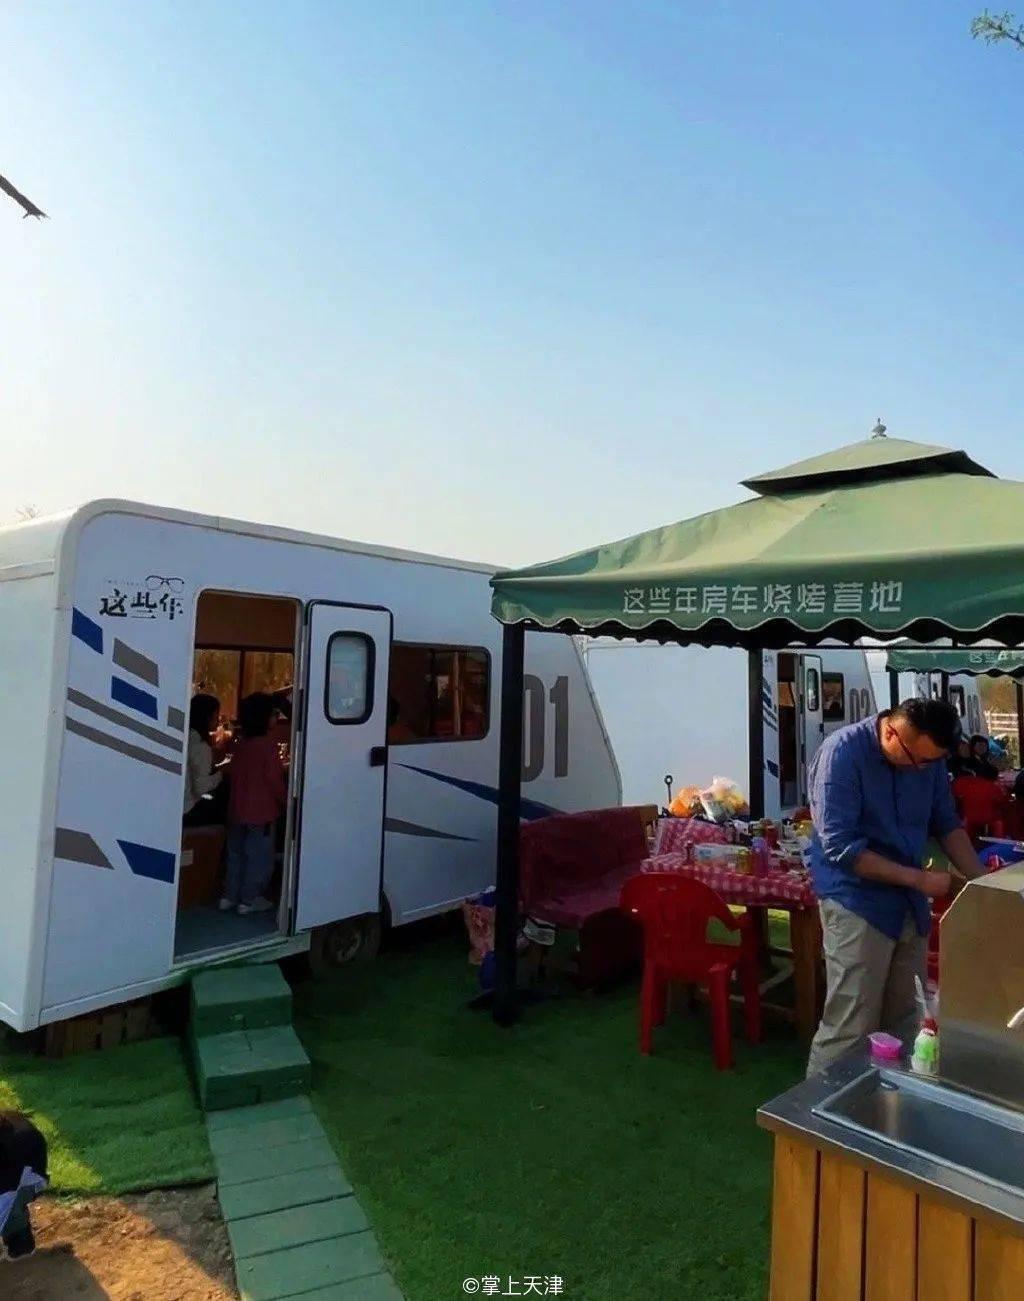 攻略 | 五一假期何必舍近求远?北辰郊野公园=烧烤+露营+聚会+划船……